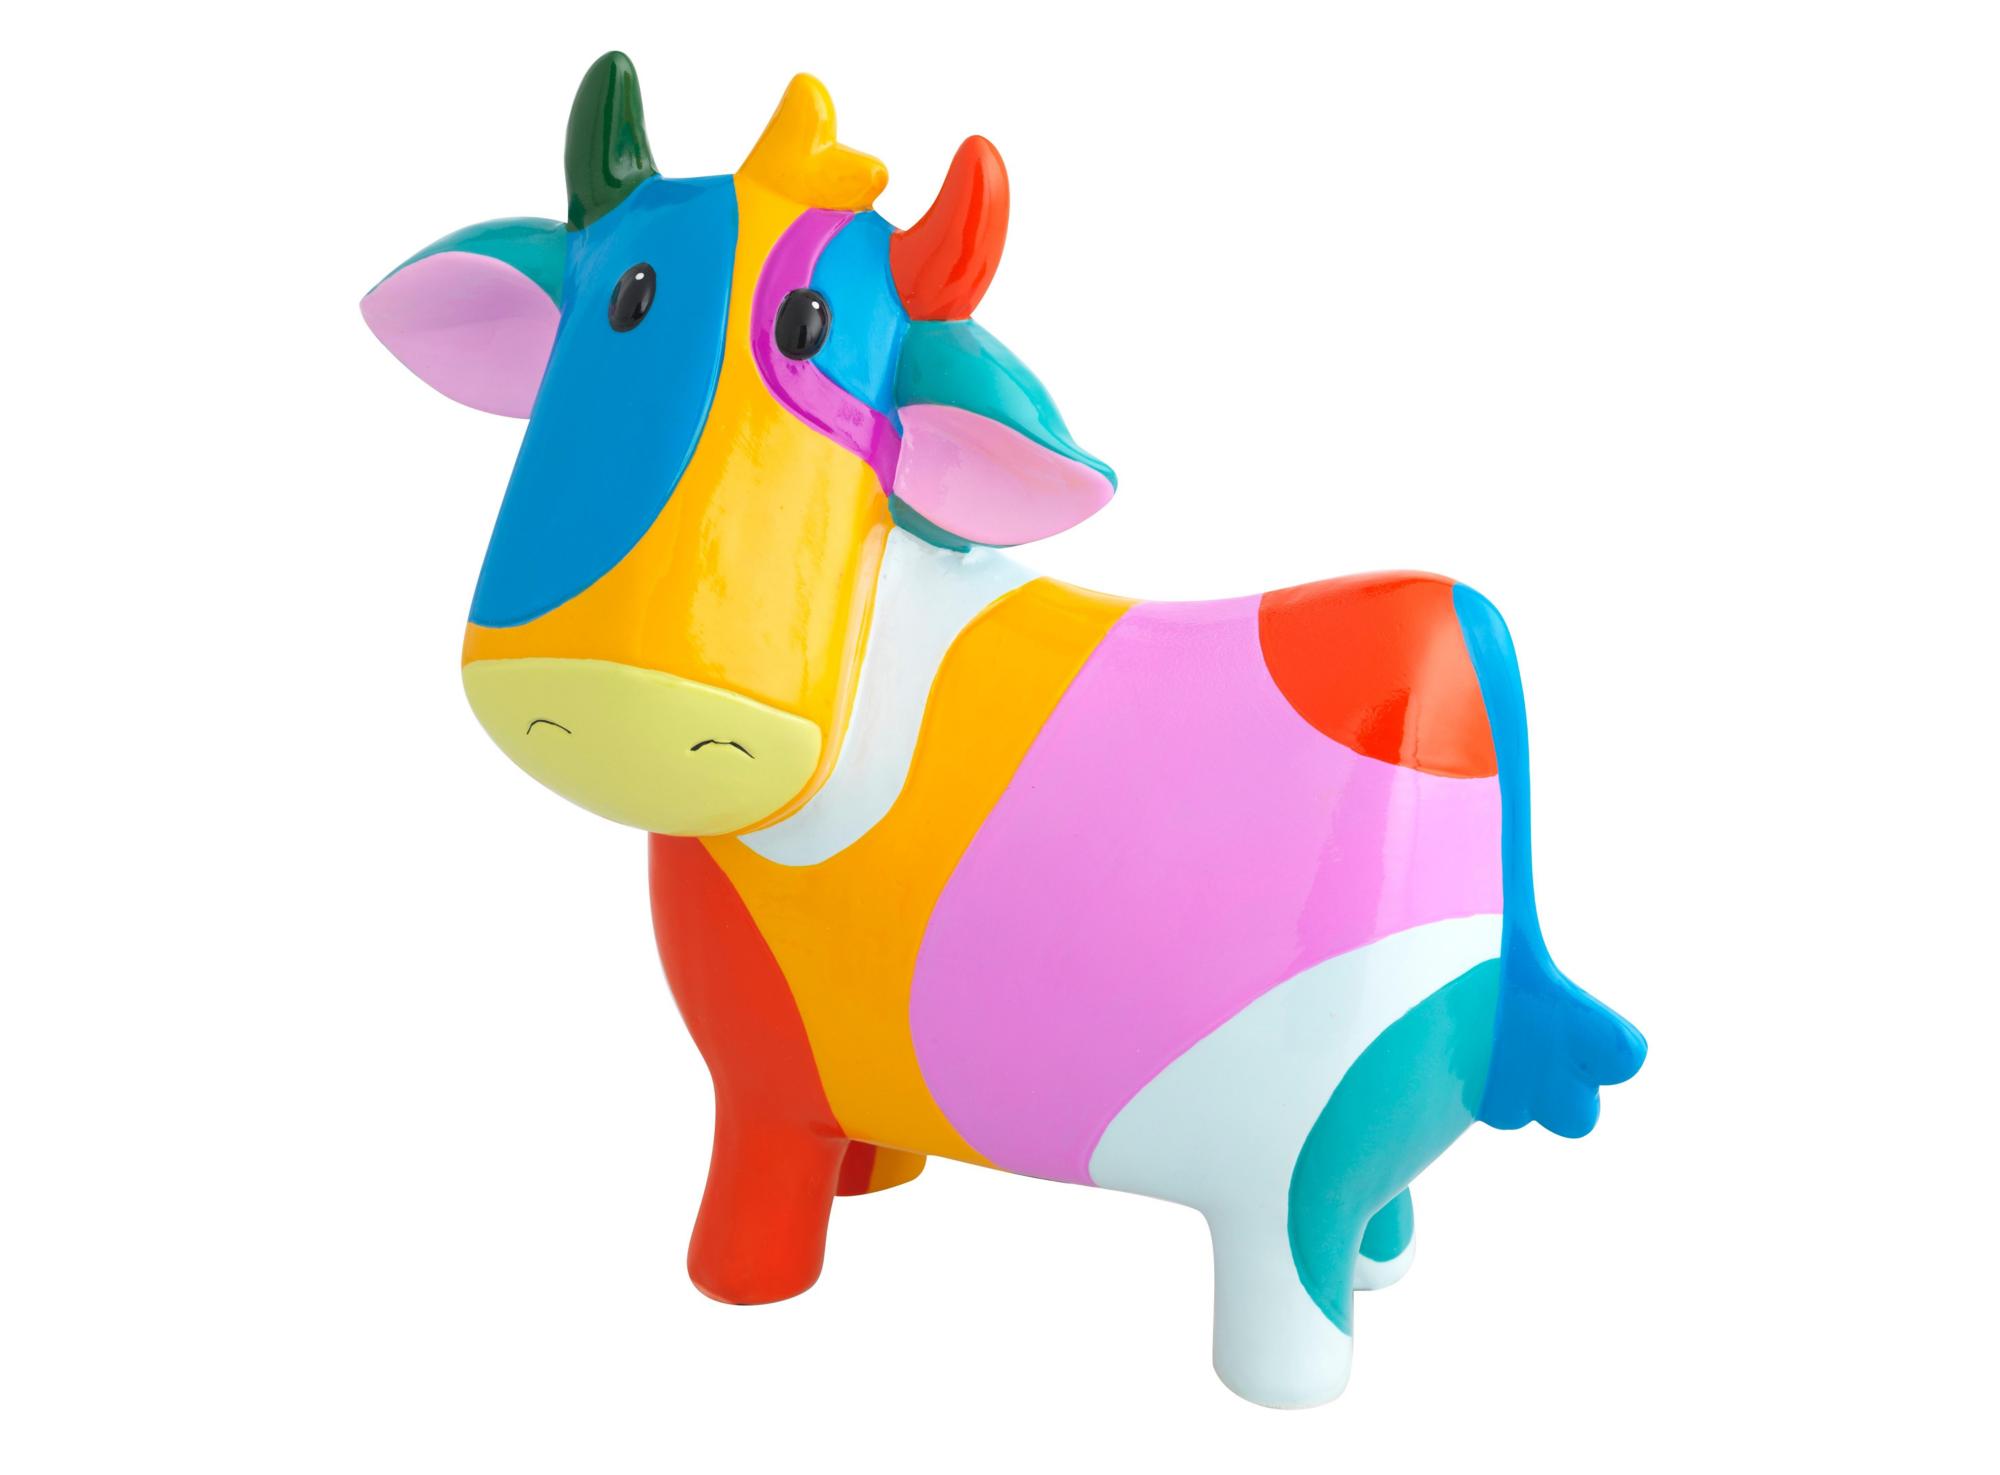 Tirelire en forme de vache en faience peinte, vernis coloris multicol ...